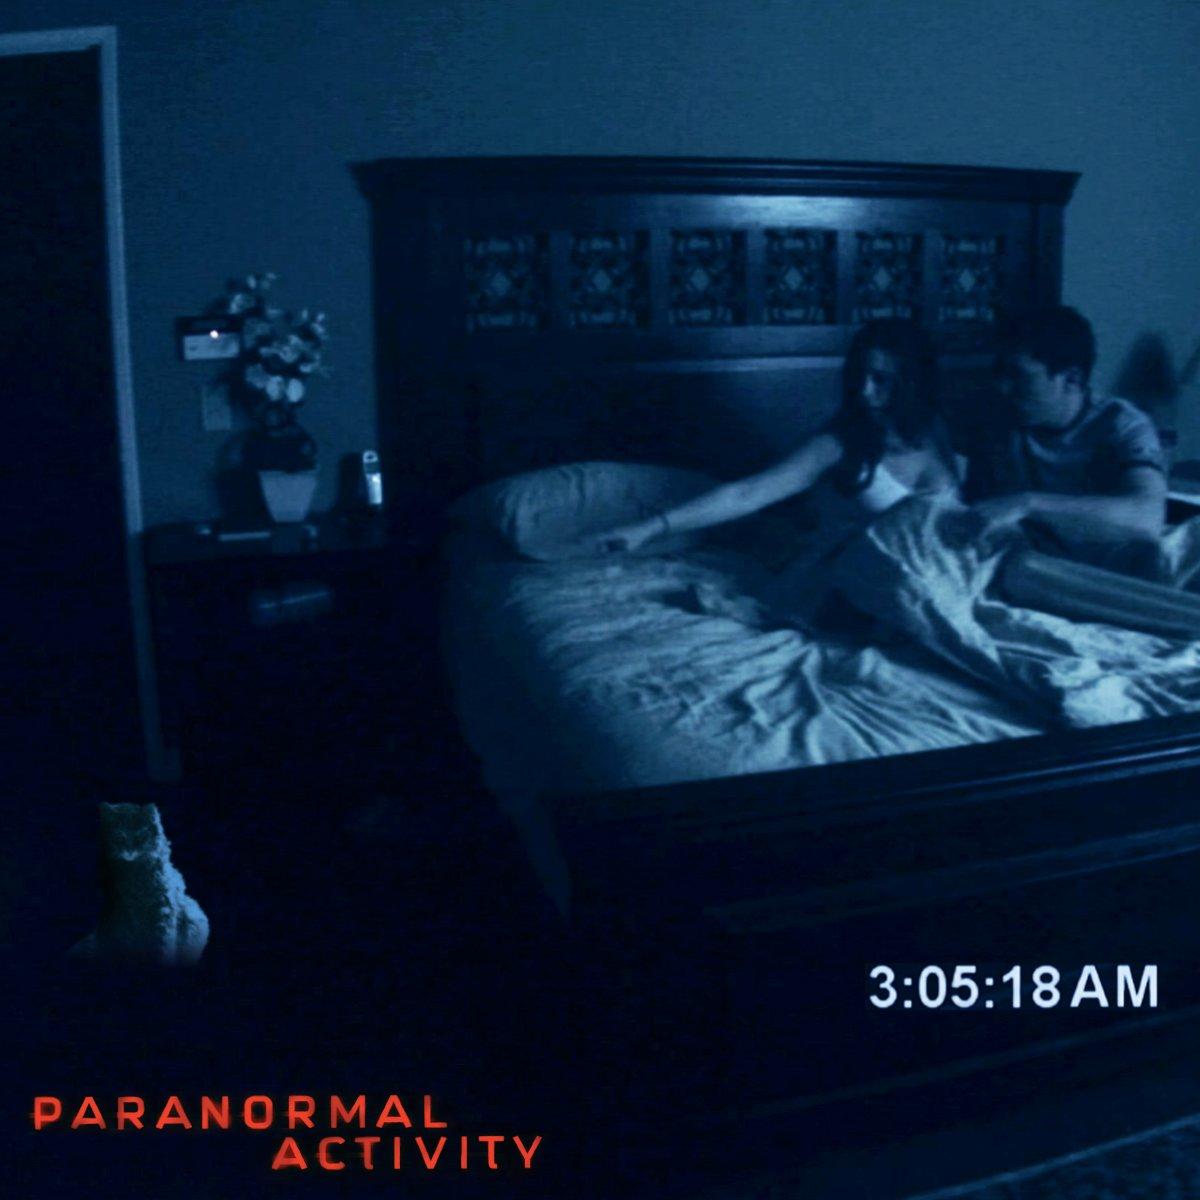 Paranormal Activity adalah salah satu film horor yang memiliki banyak penggemar di dunia (Foto via Twitter @@TweetYourScream)